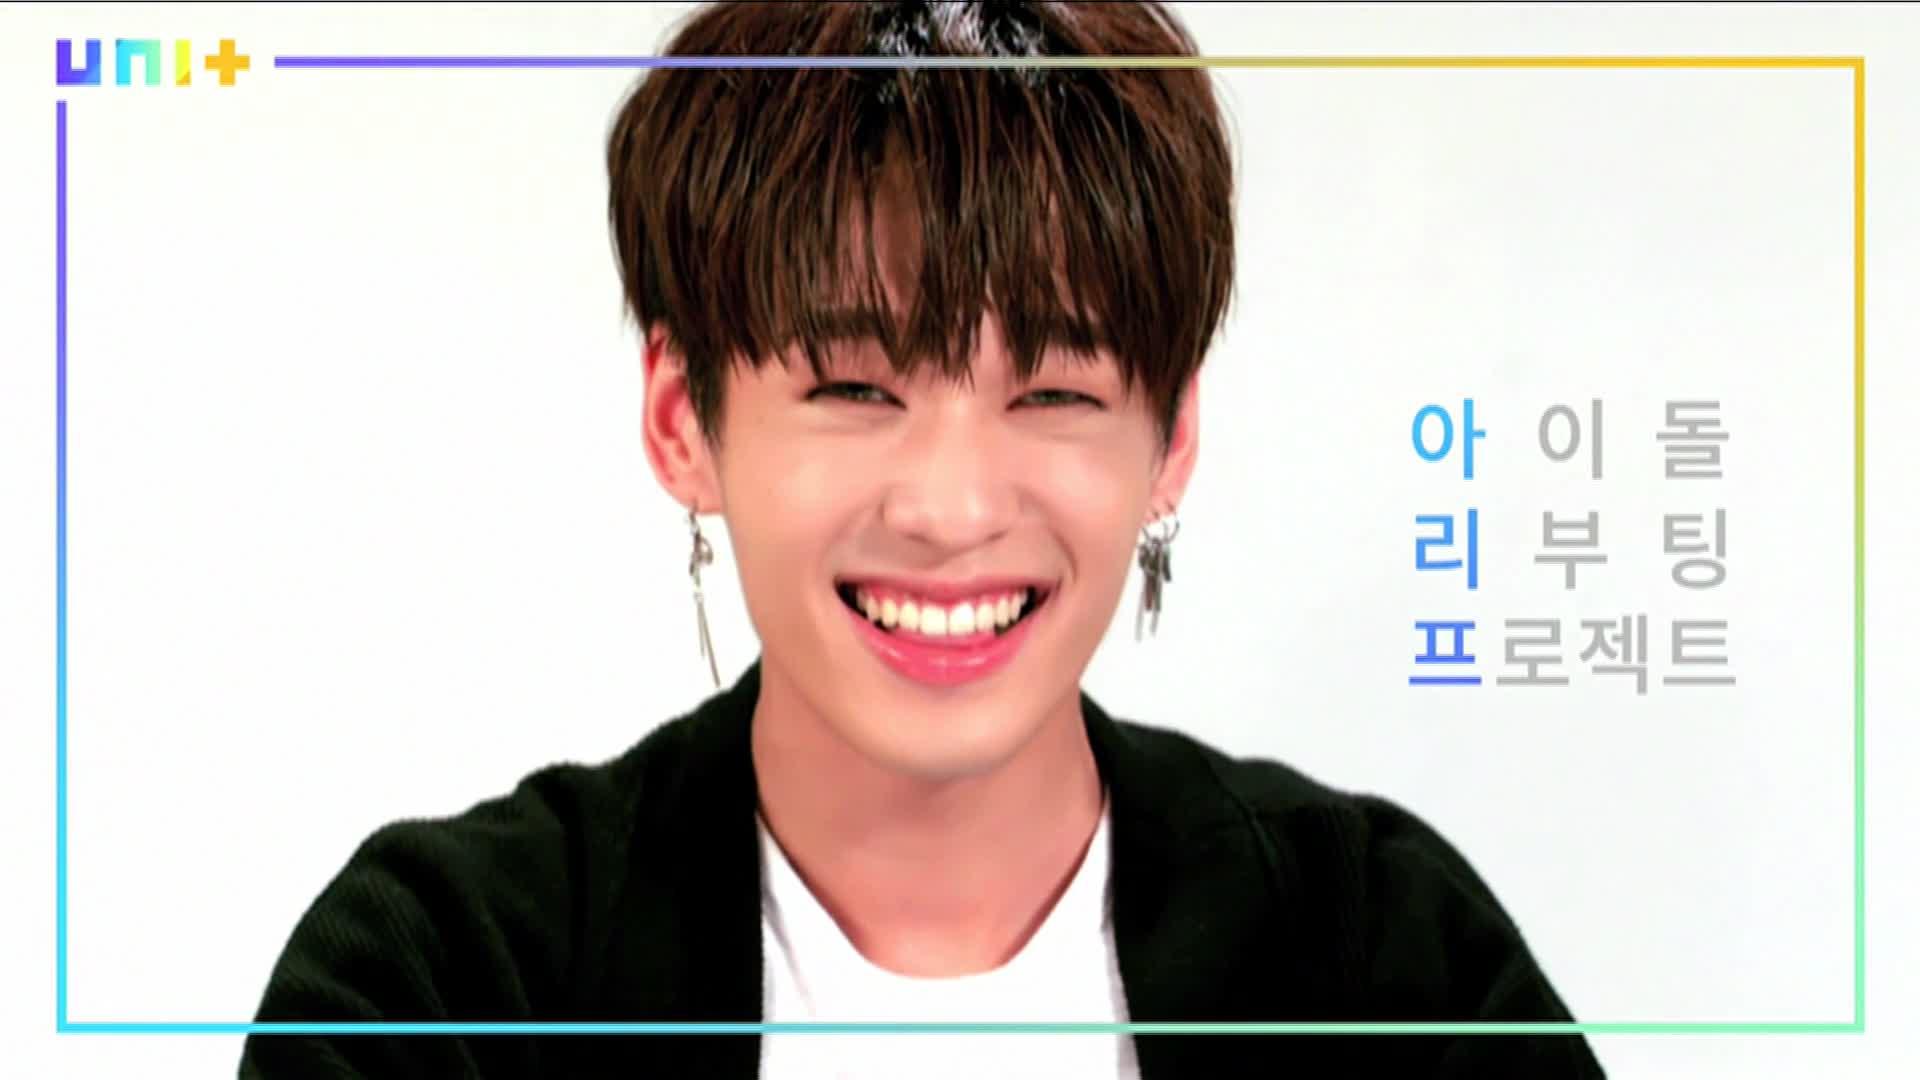 [더 유닛] 슈퍼슬로우 개인별 티저 03 (The Unit - Superslow individual teaser 03)